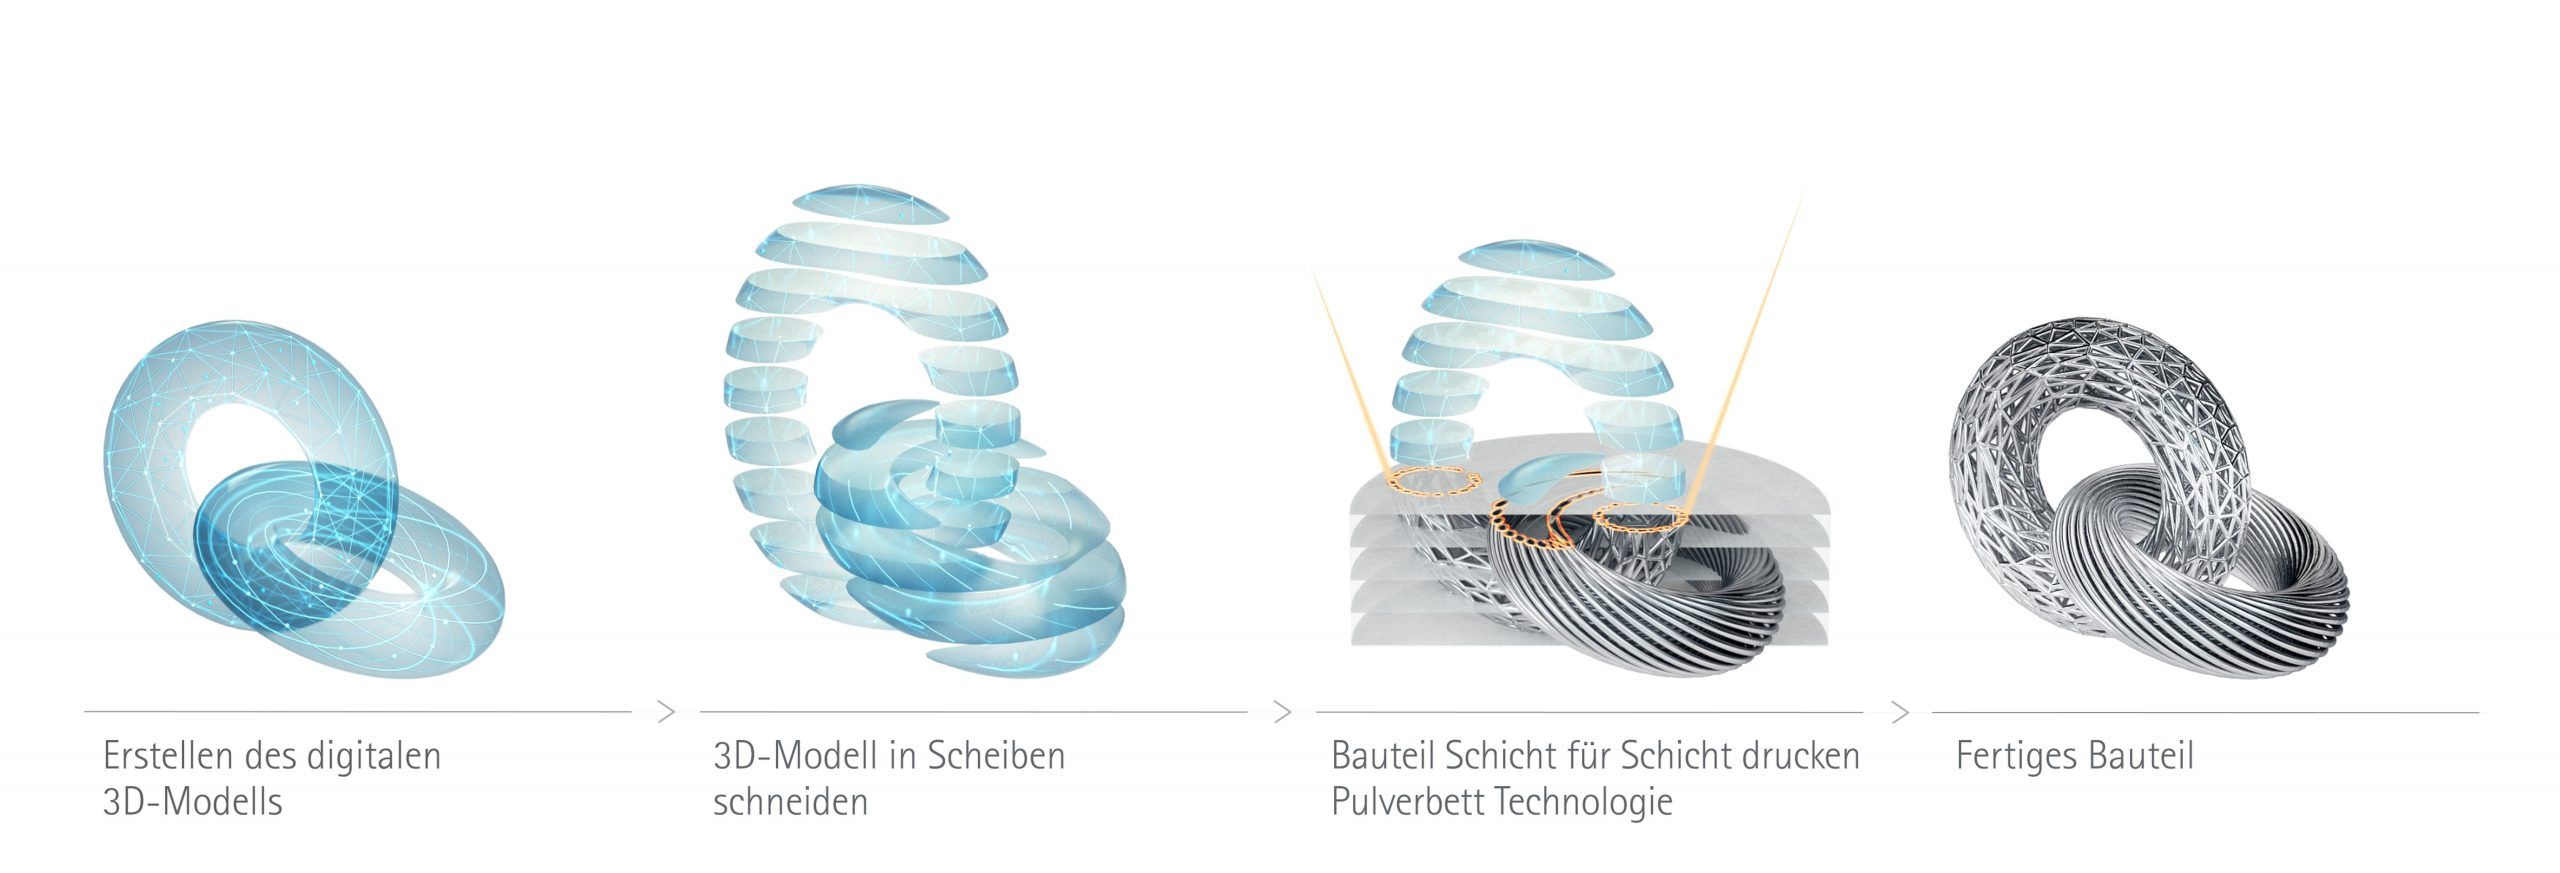 03 Industrieller 3D-Druck